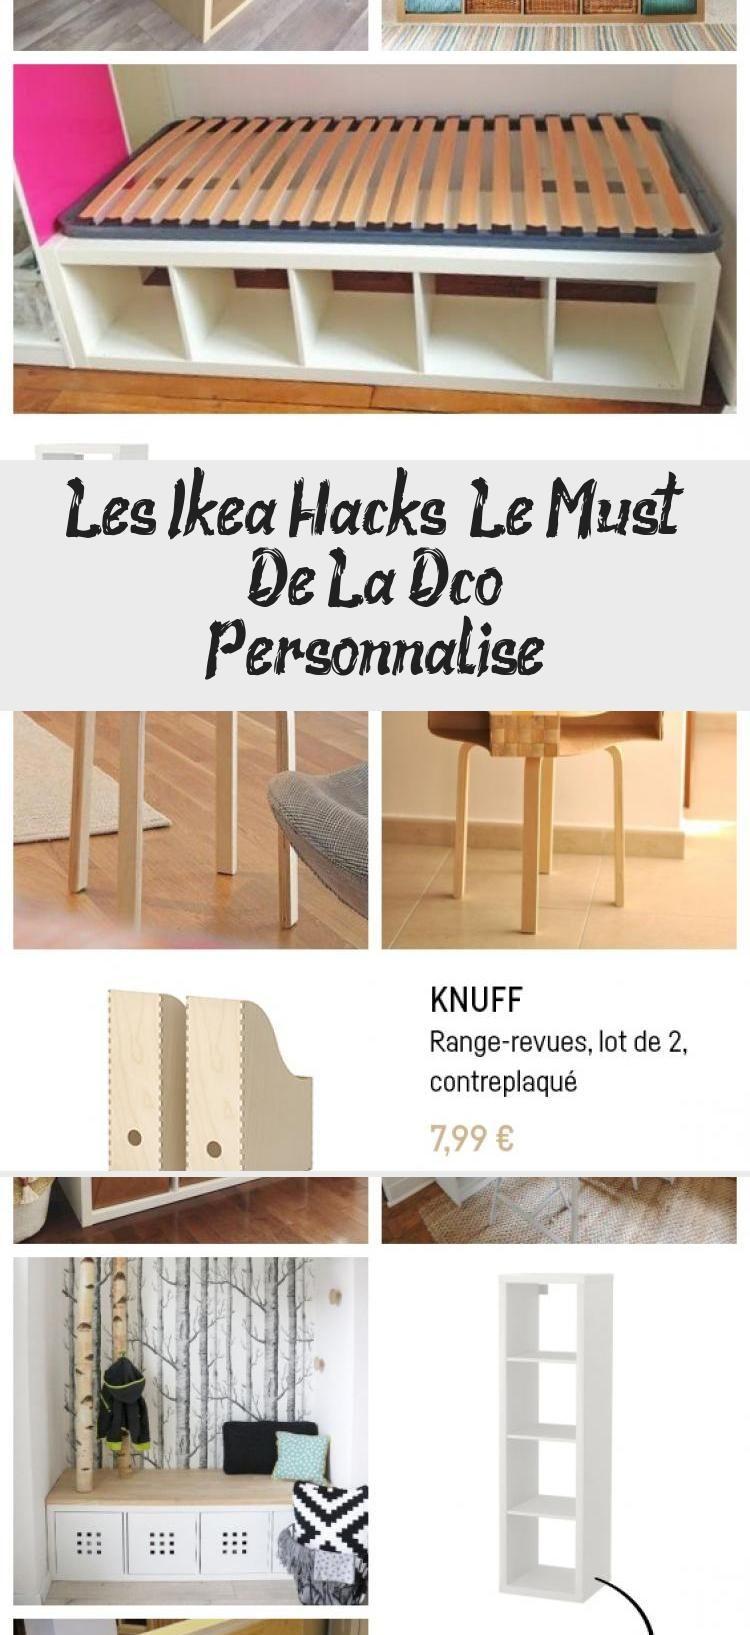 Transformer Ses Meubles Ikea les ikea hacks : le must de la déco personnalisée | ikea